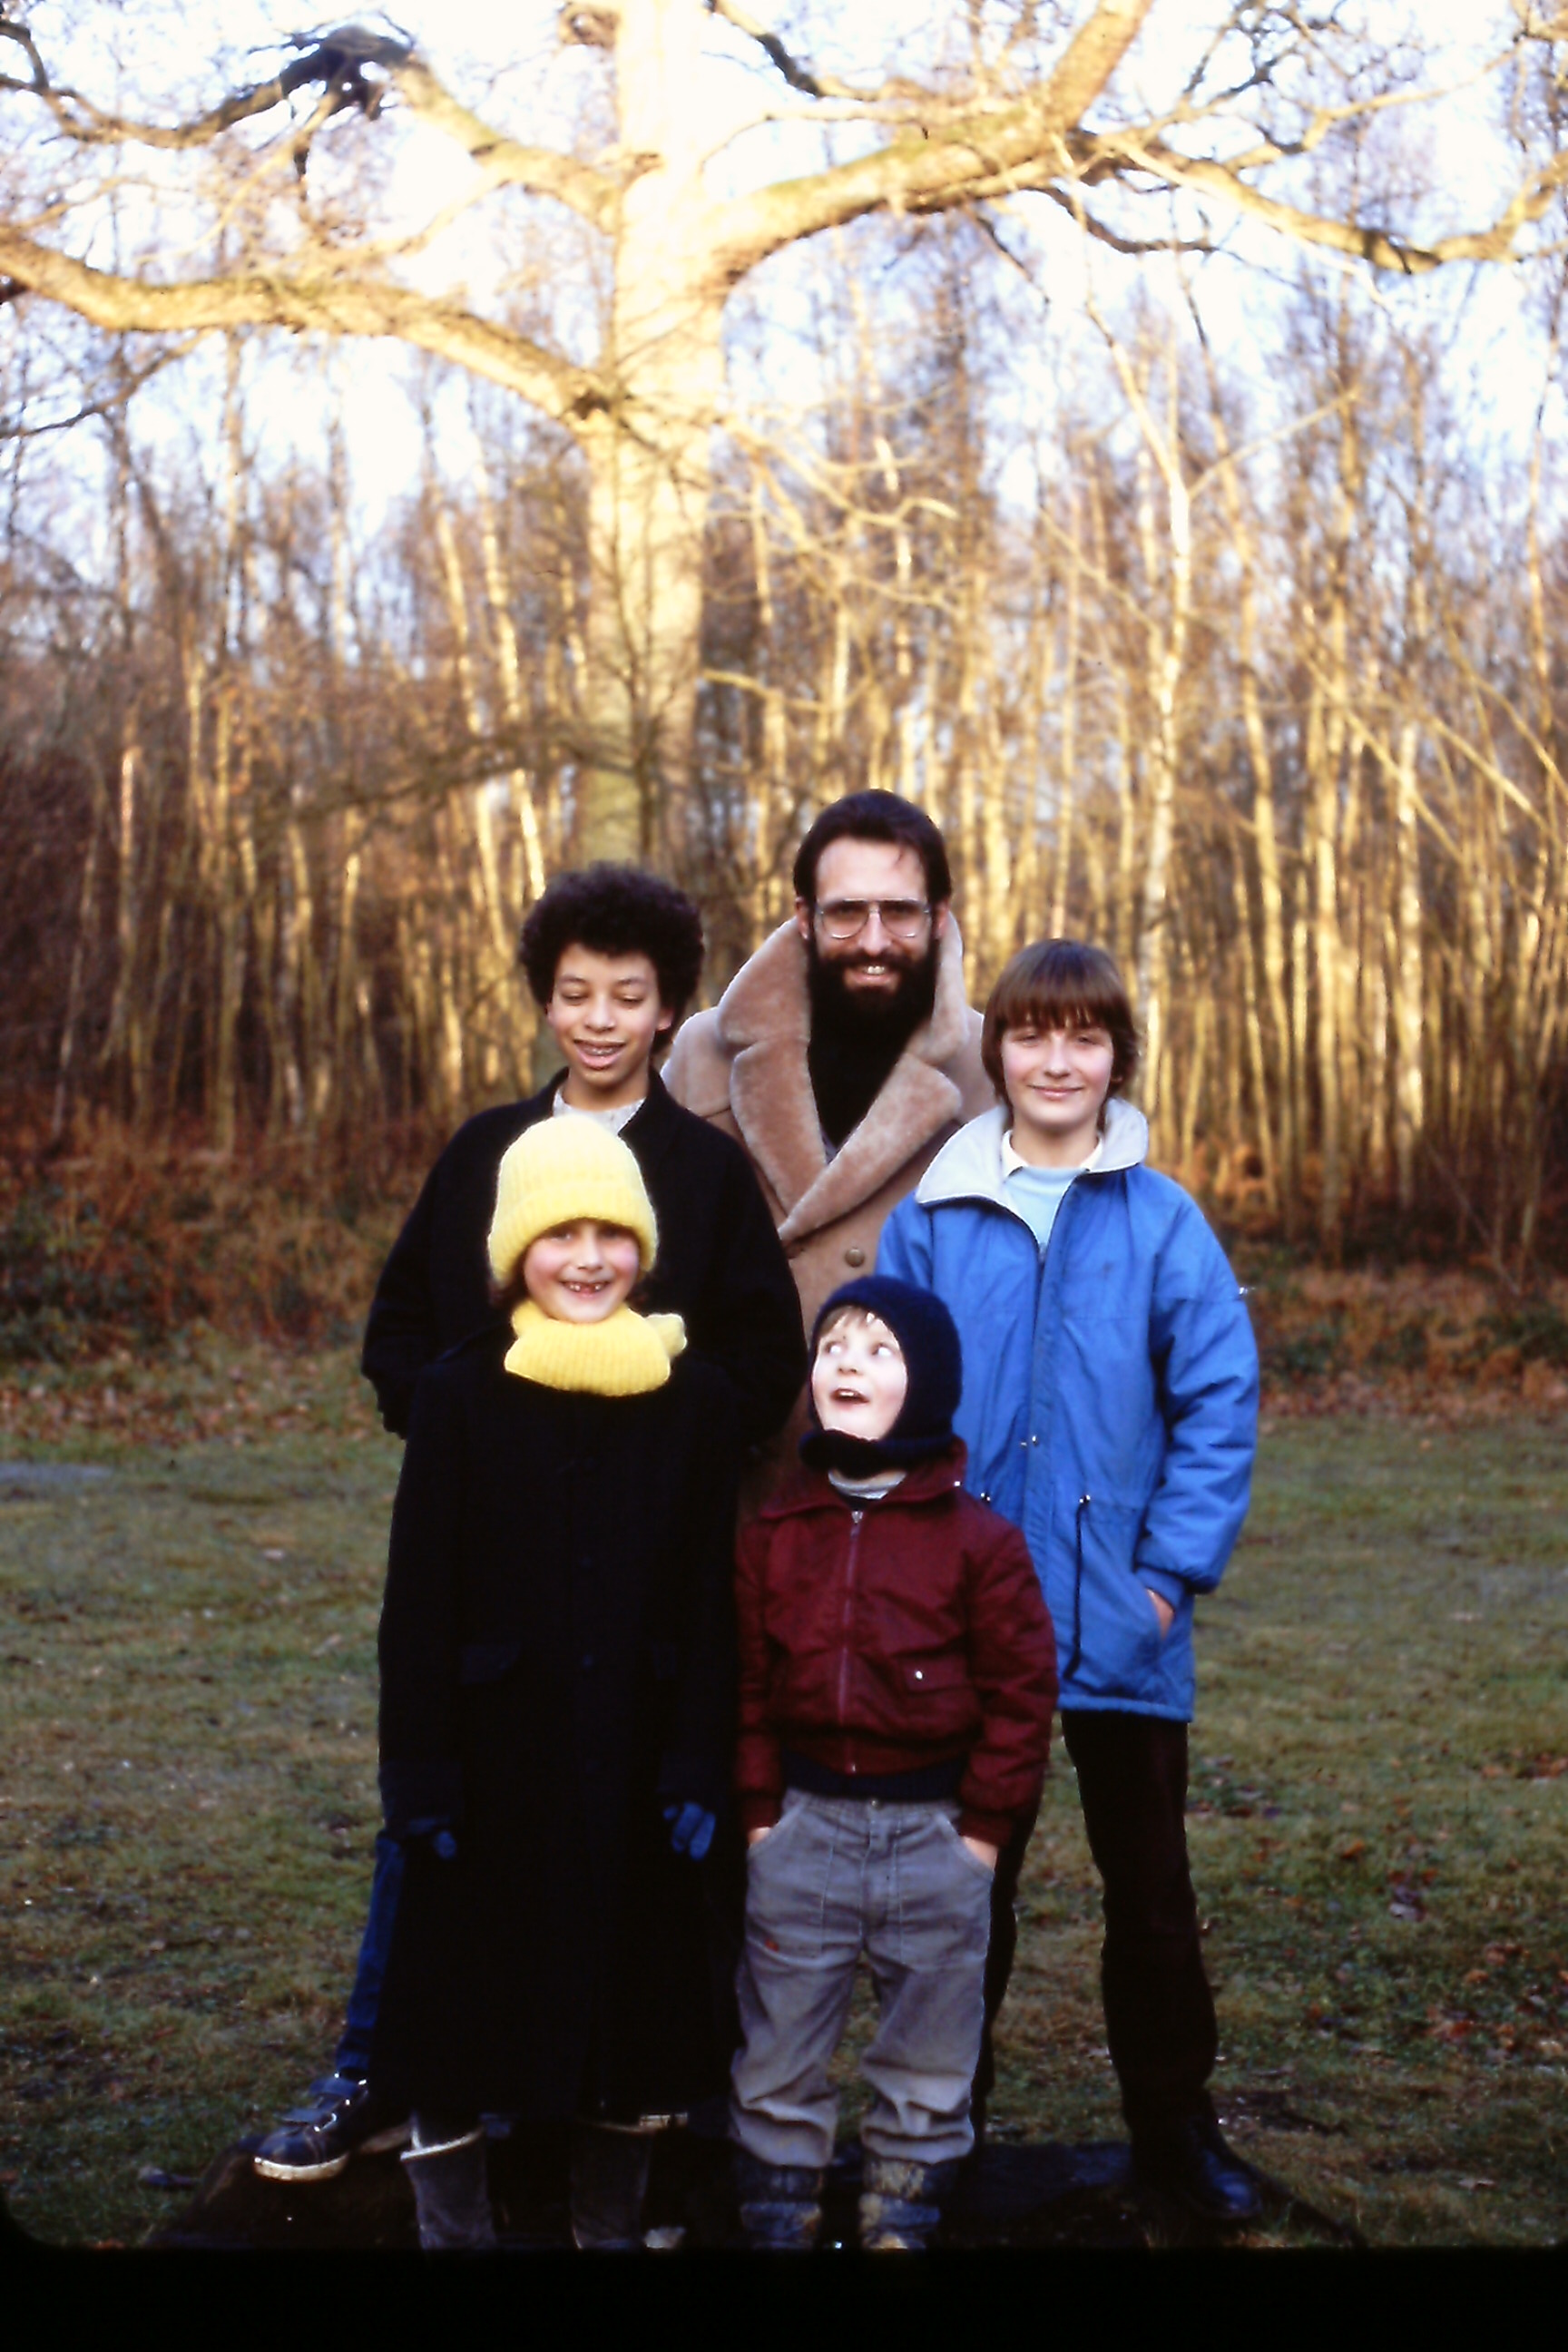 Jan Krotki_Family_z dziecmi w kanadyjskim lesie